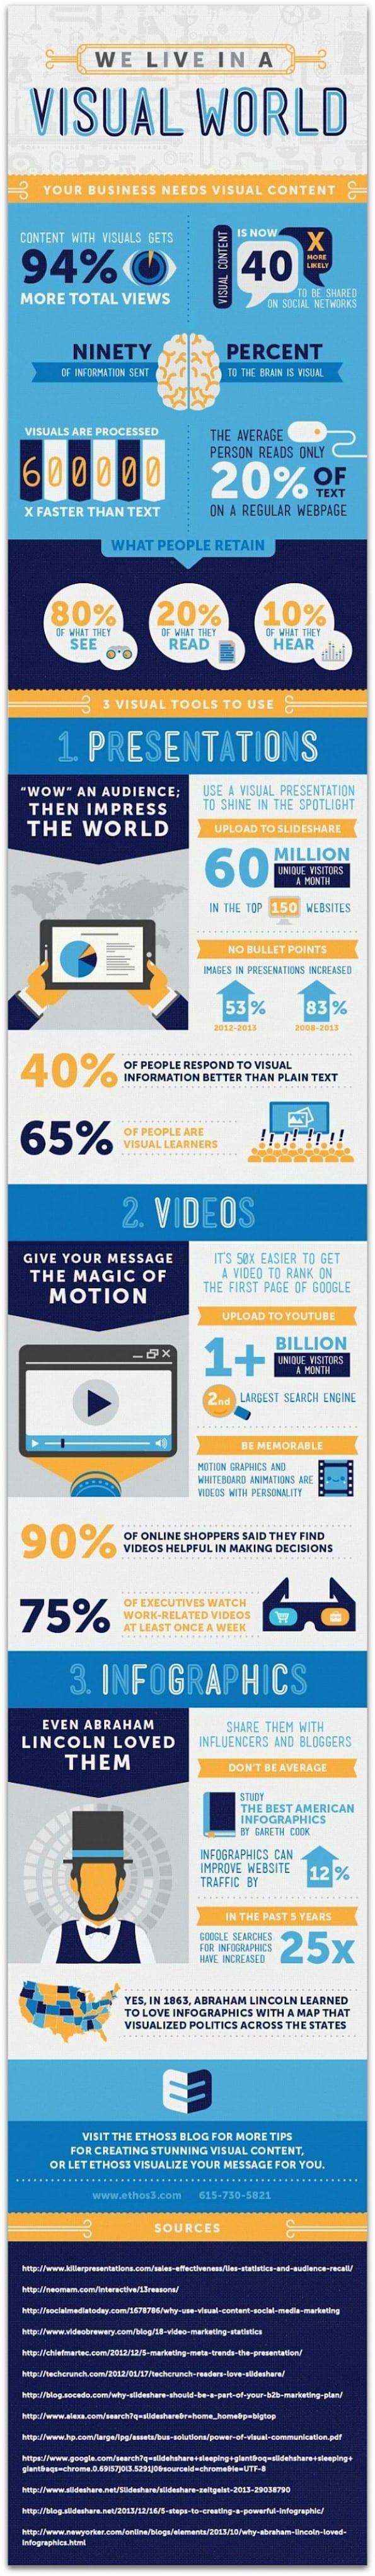 Ik zie, ik zie, wat jij niet ziet - waarom visuele content beter scoort dan tekst [infographic]